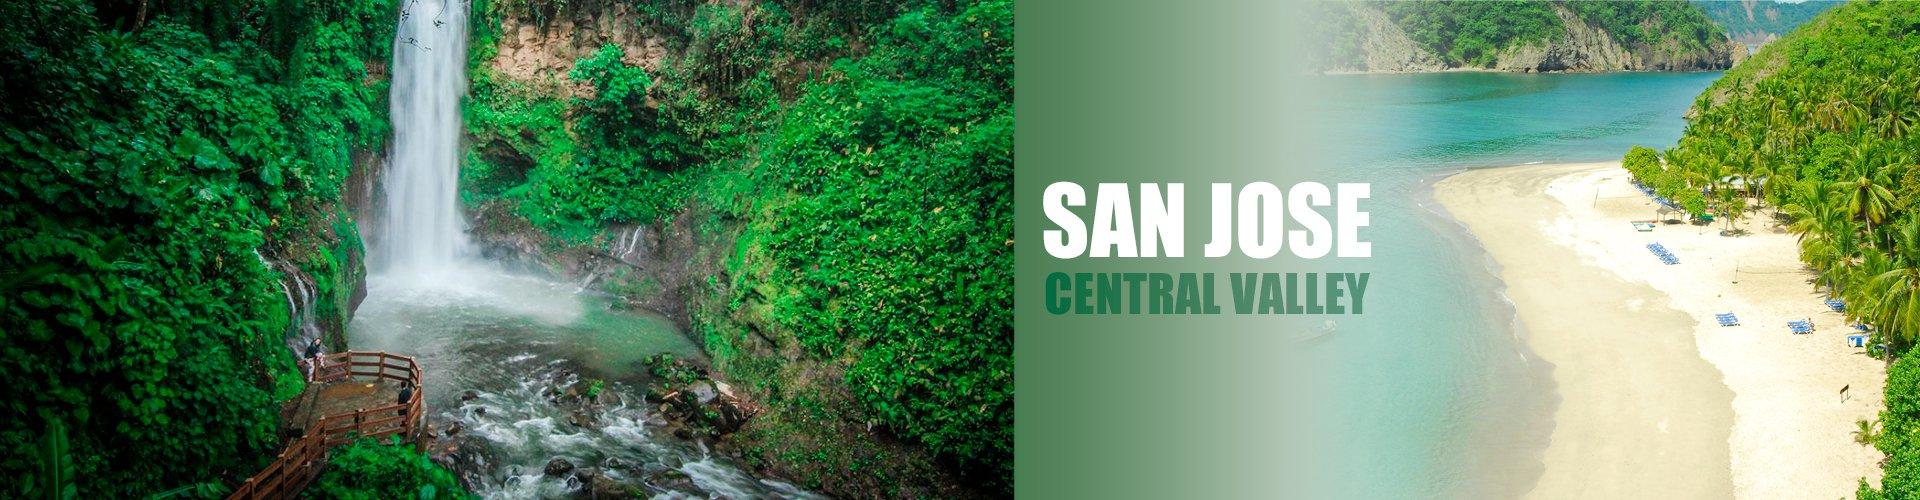 San José Central Valley